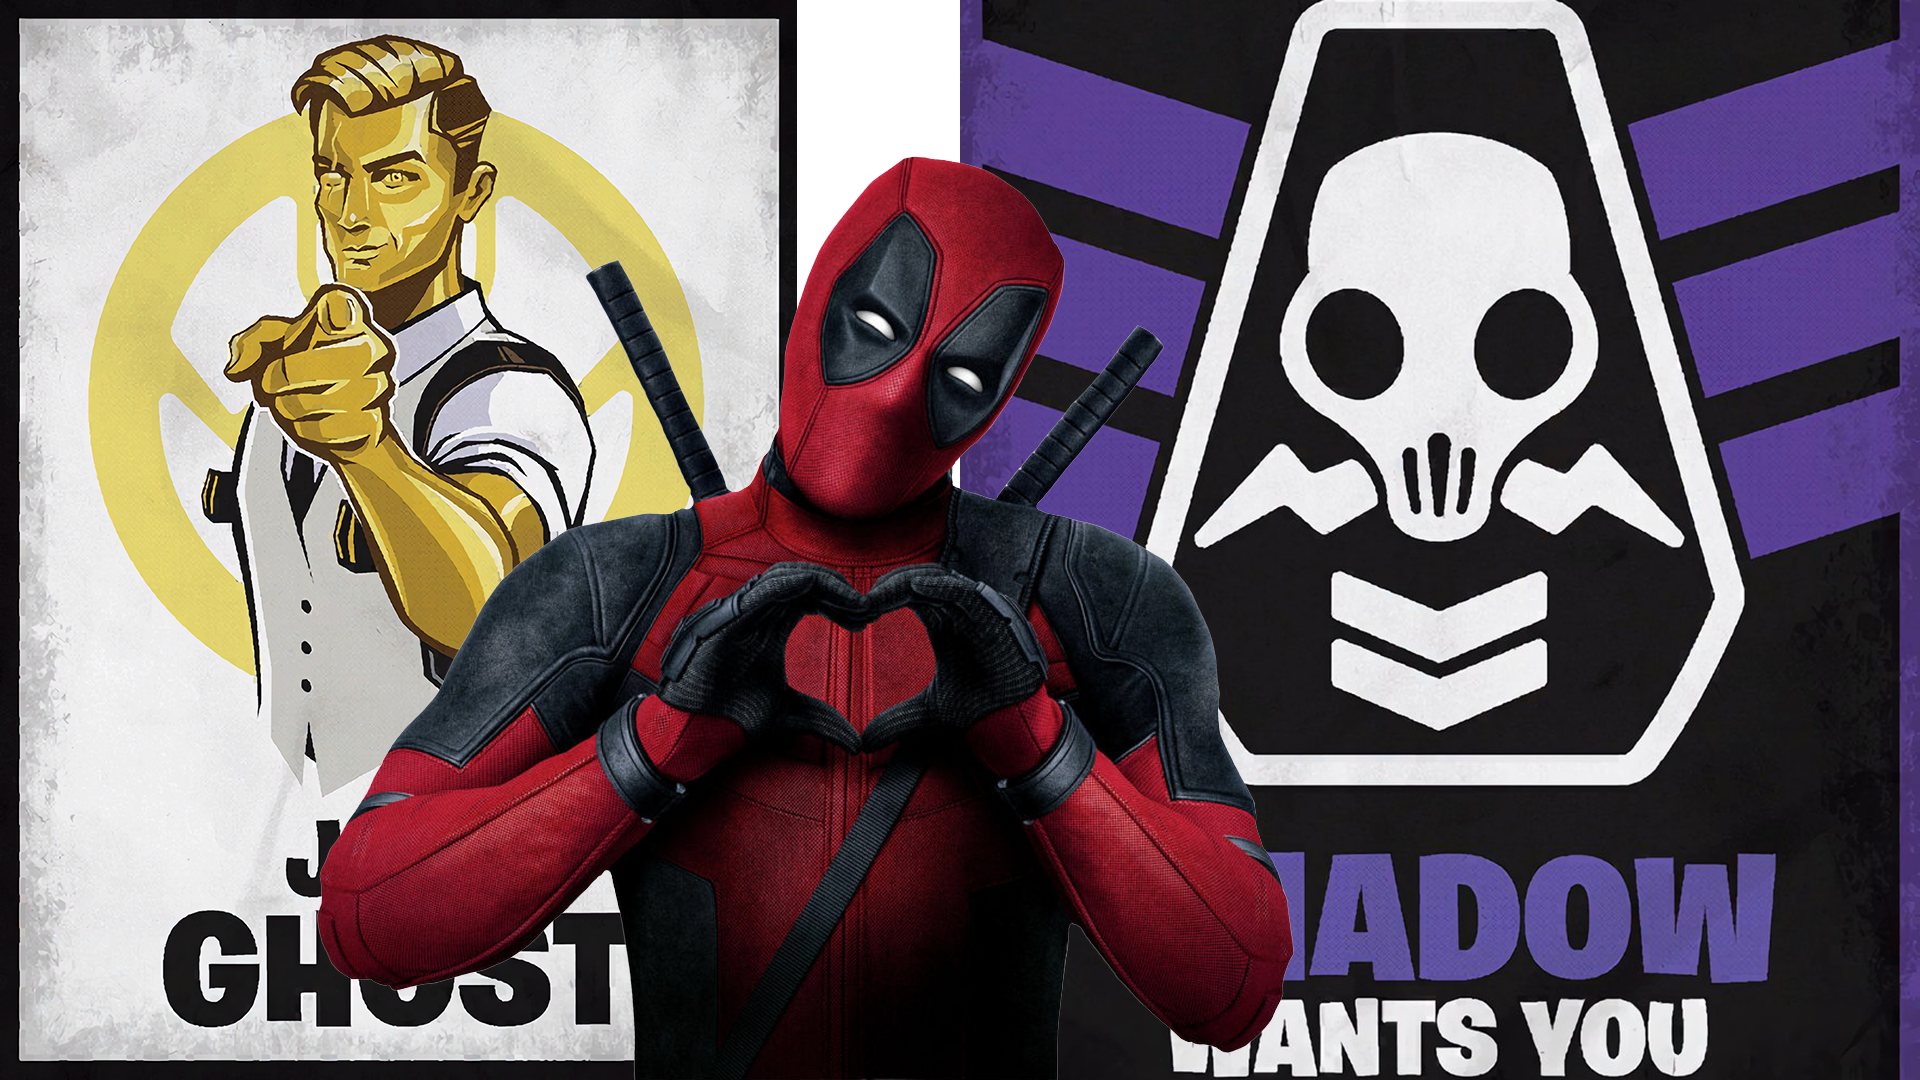 Desafíos de Fortnite Deadpool: dónde desfigurar los carteles y encontrar un gran marcador negro 83